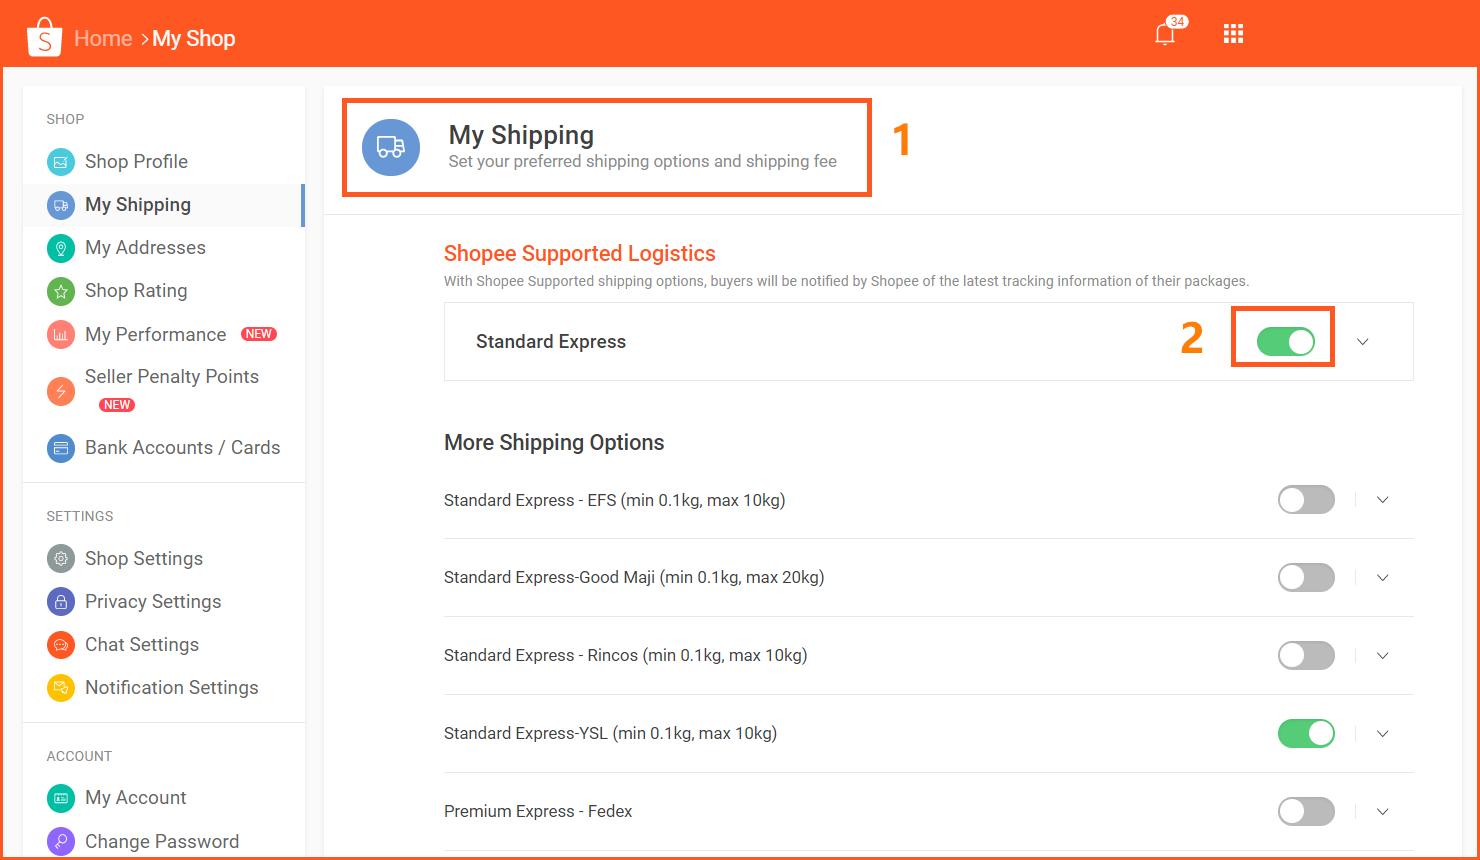 虾皮购物(Shopee电商平台)从商家帐号注册入驻卖家平台到运营教程 – 店铺管理与设置 开通物流-SLS